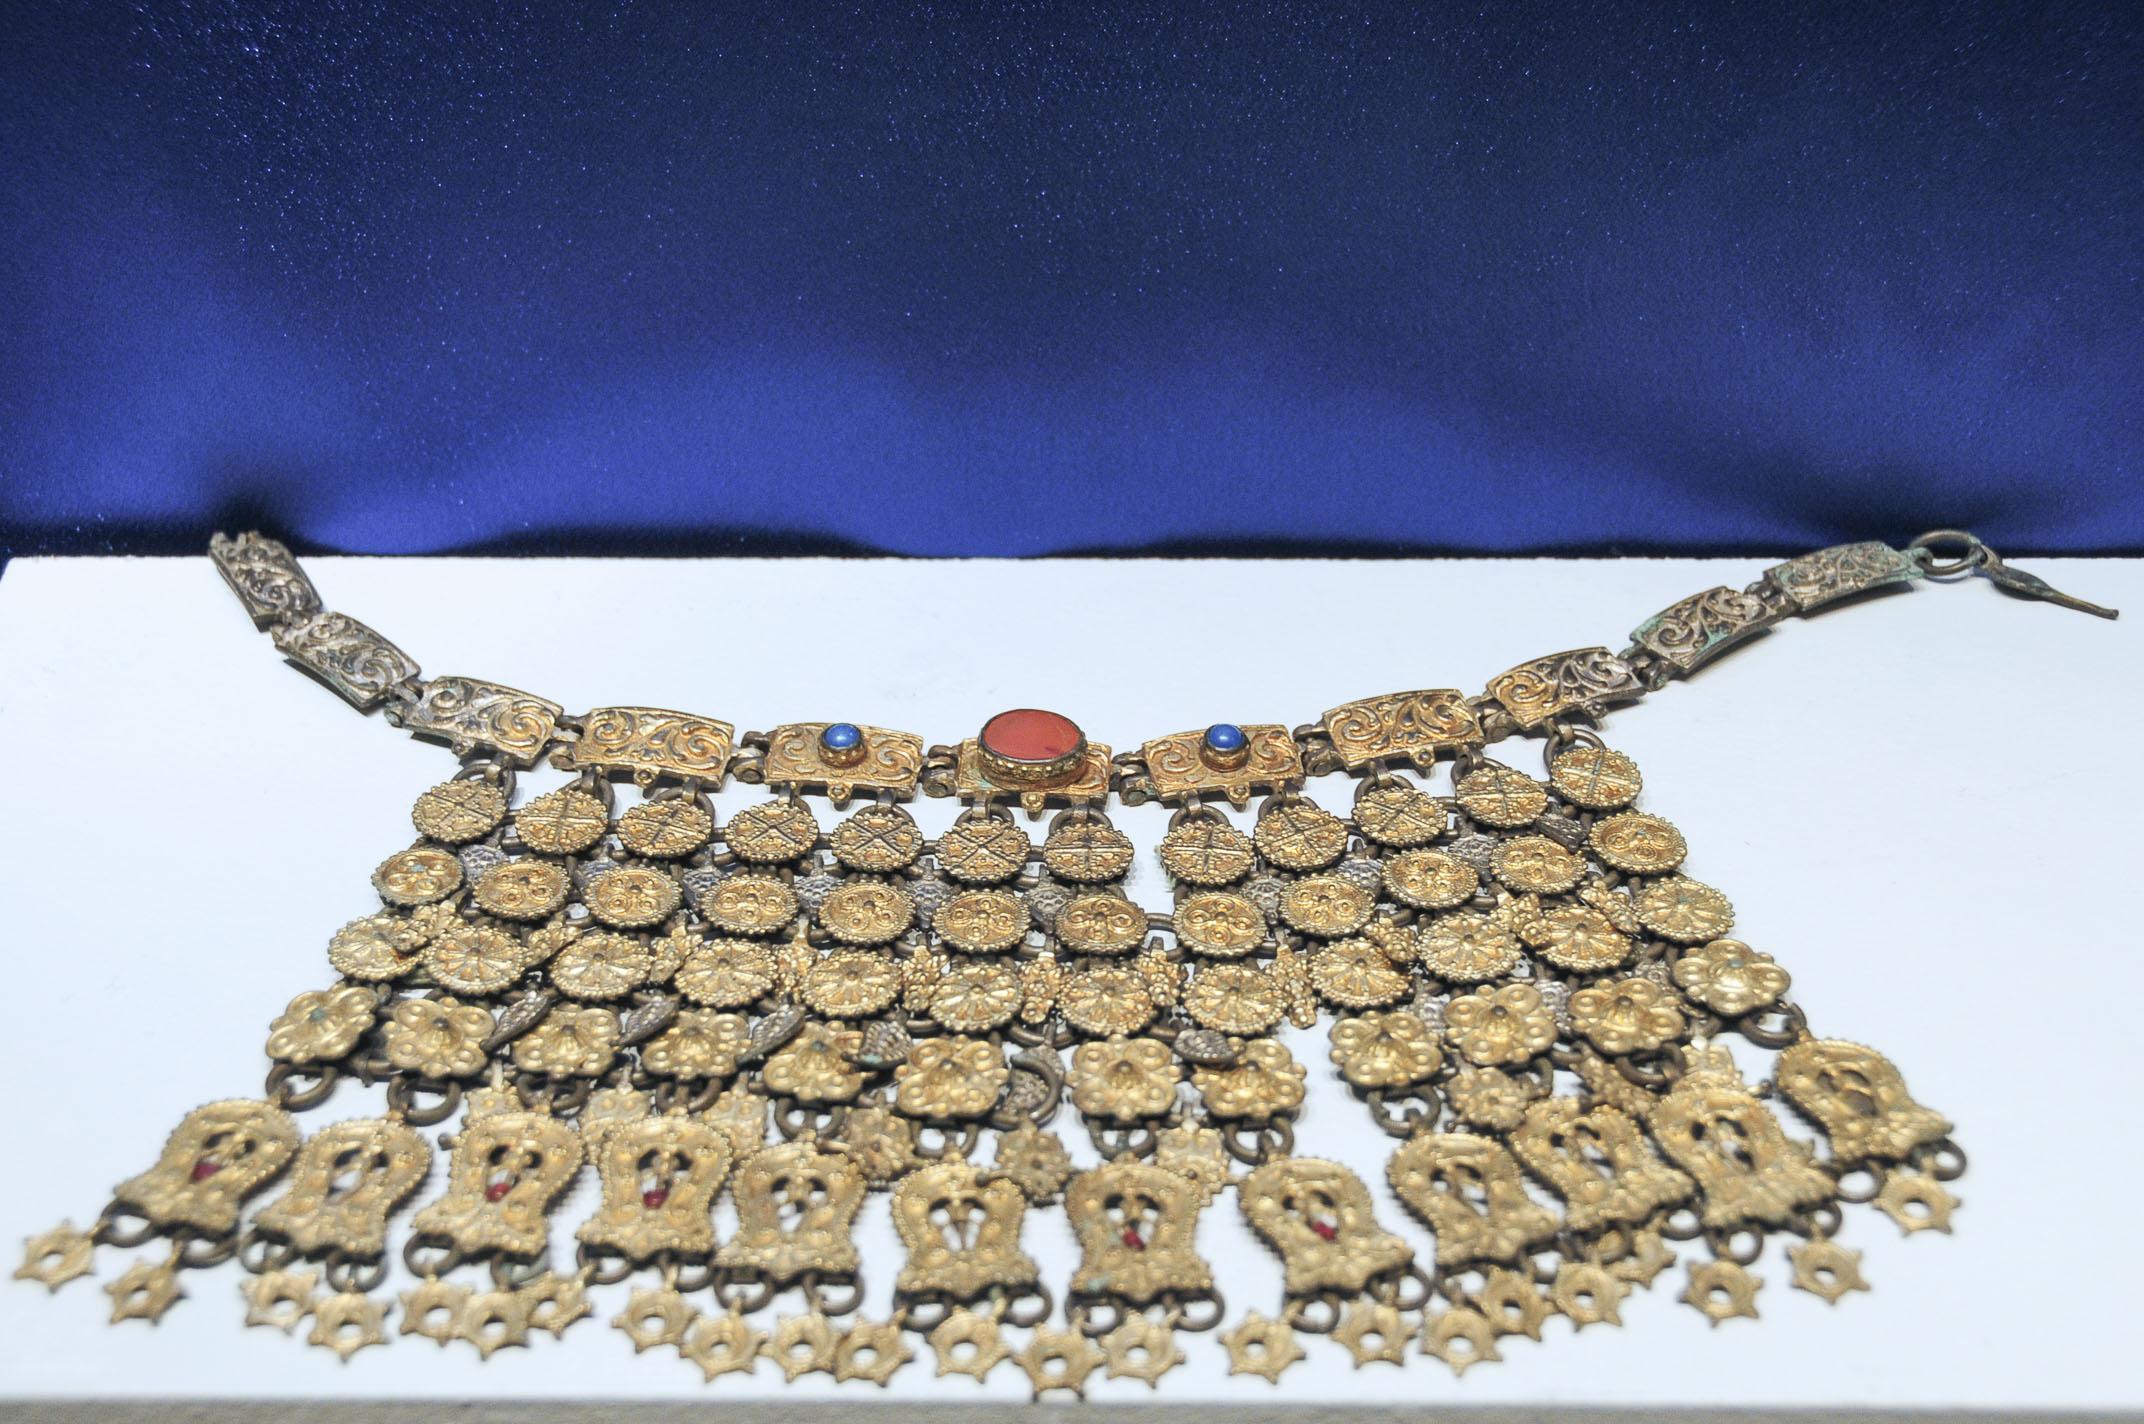 troyan-museum-bylgarsko-zlatarsko-izkustvo-9